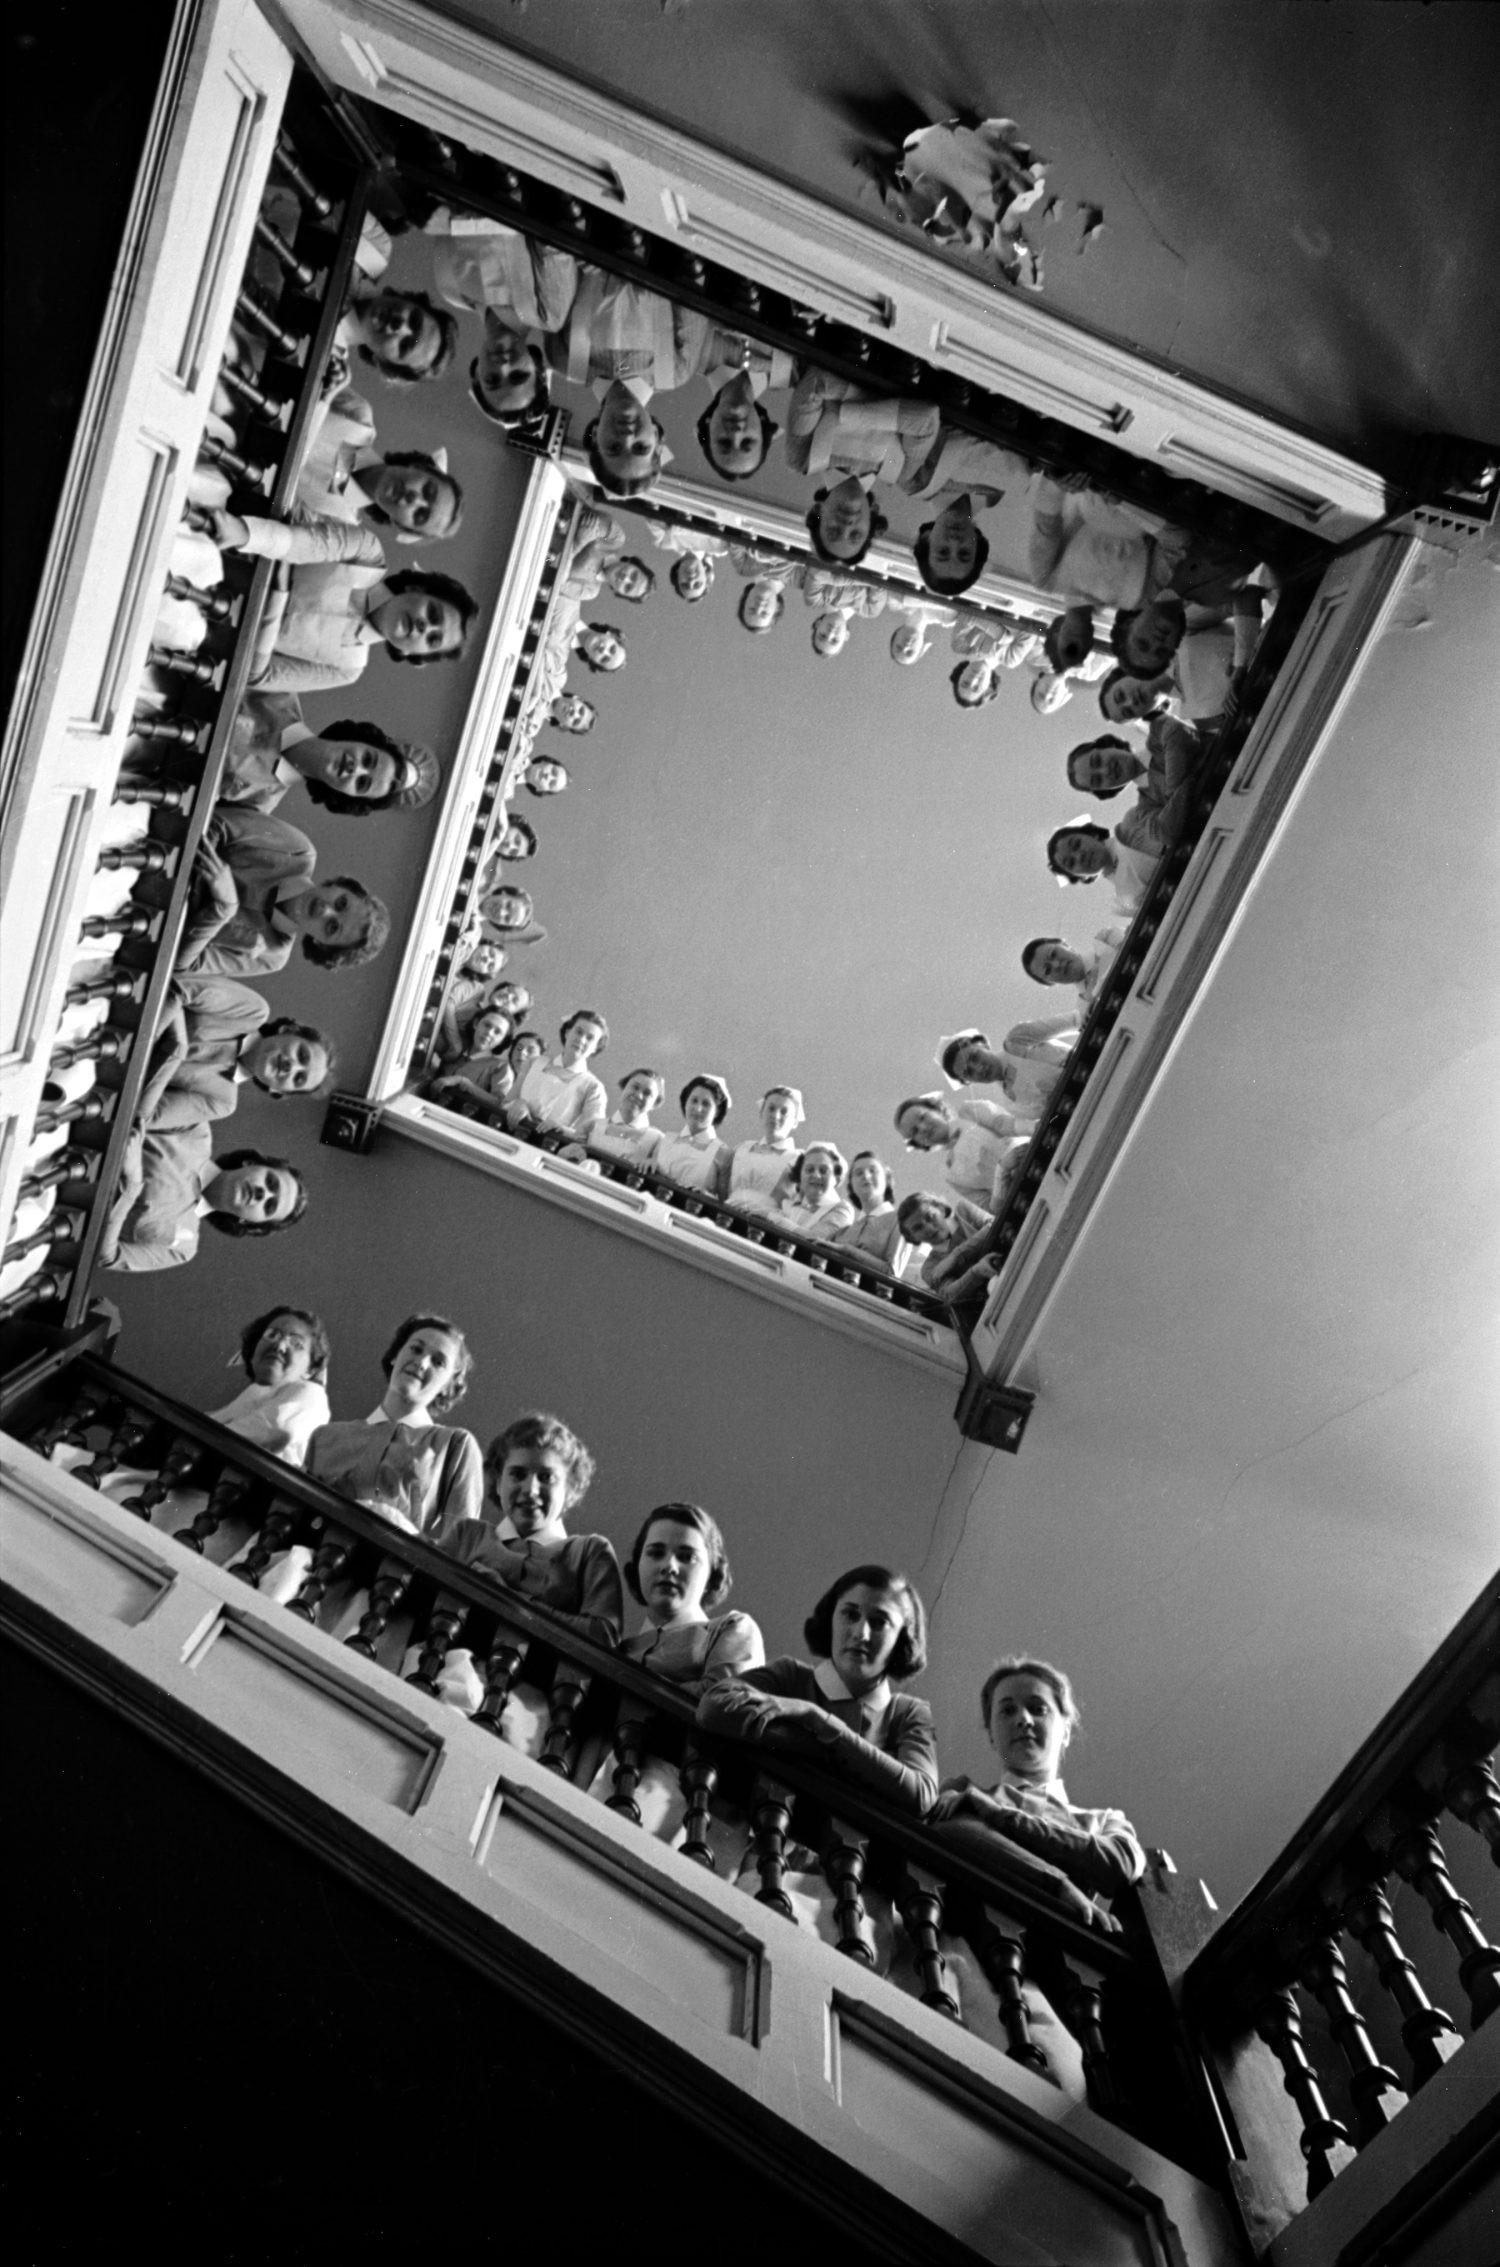 Медсёстры в больнице Рузвельта, 1937. Фотограф Альфред Эйзенштадт